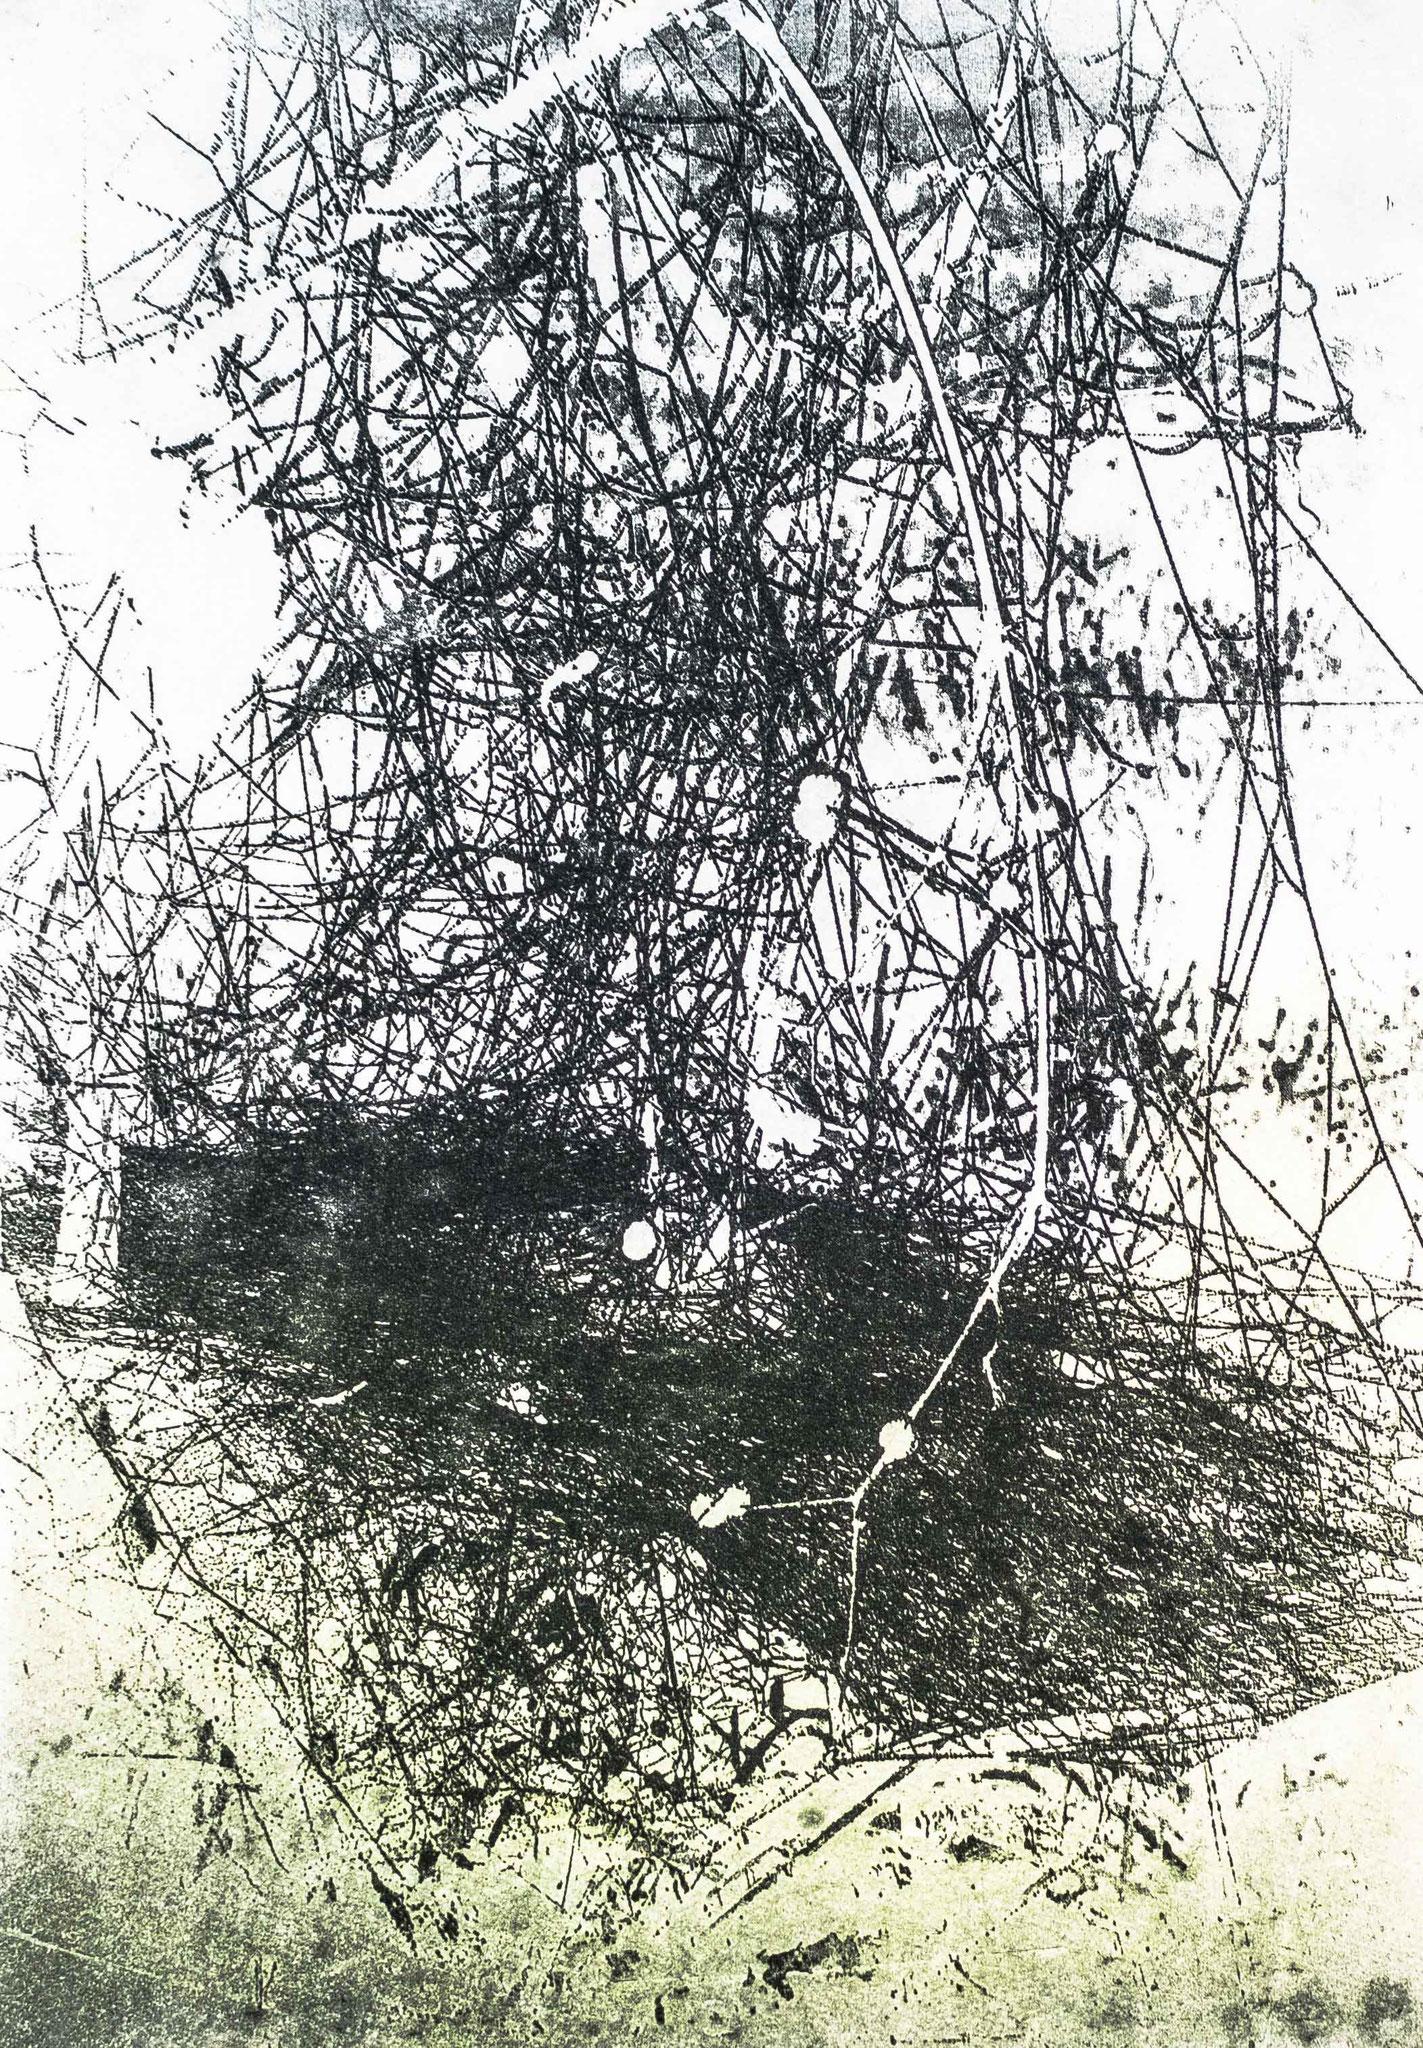 Intagliotypie 30x20 cm, Spinnenkunst